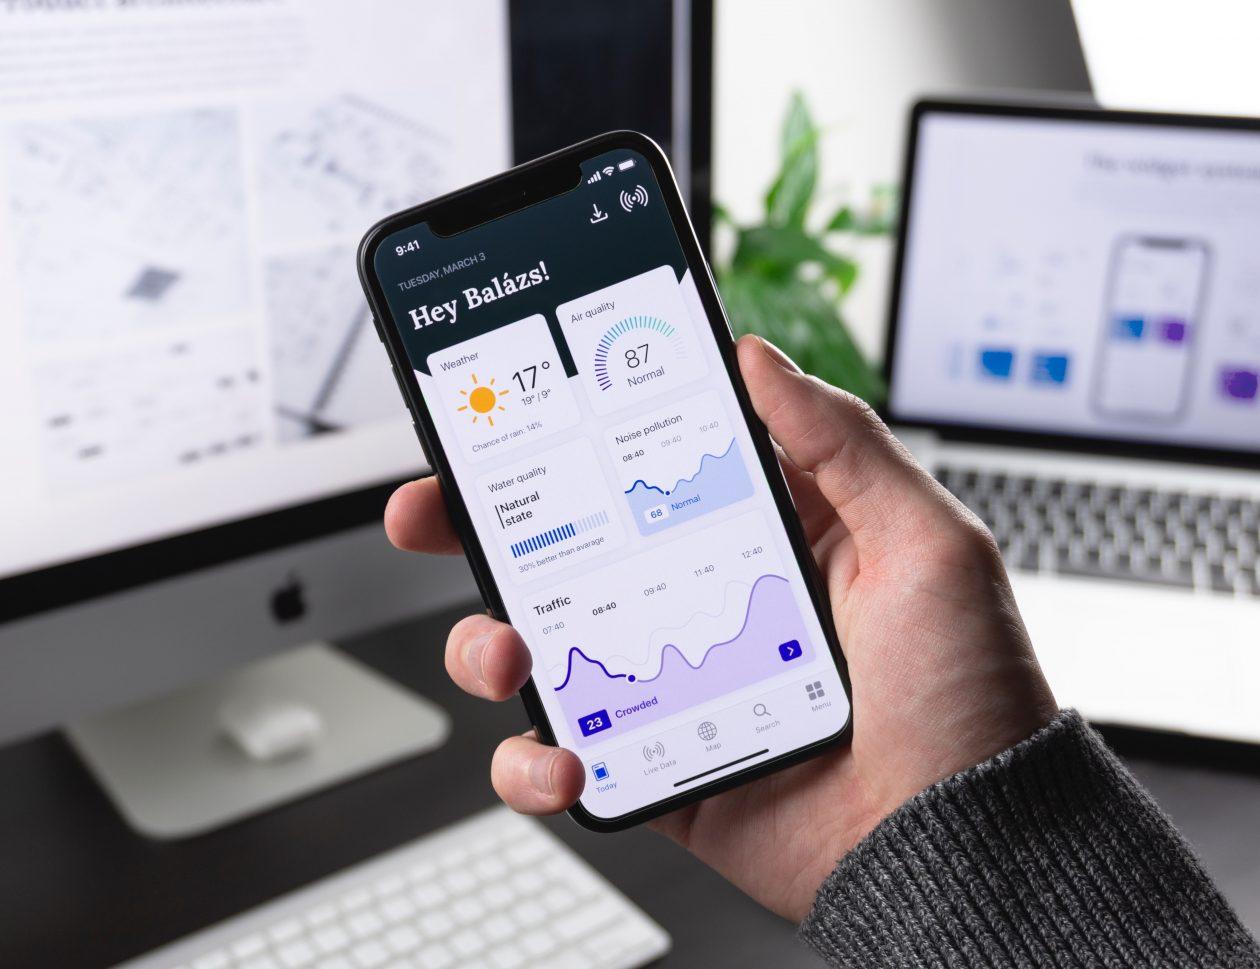 móvil con aplicación de gestión eficiente de la información